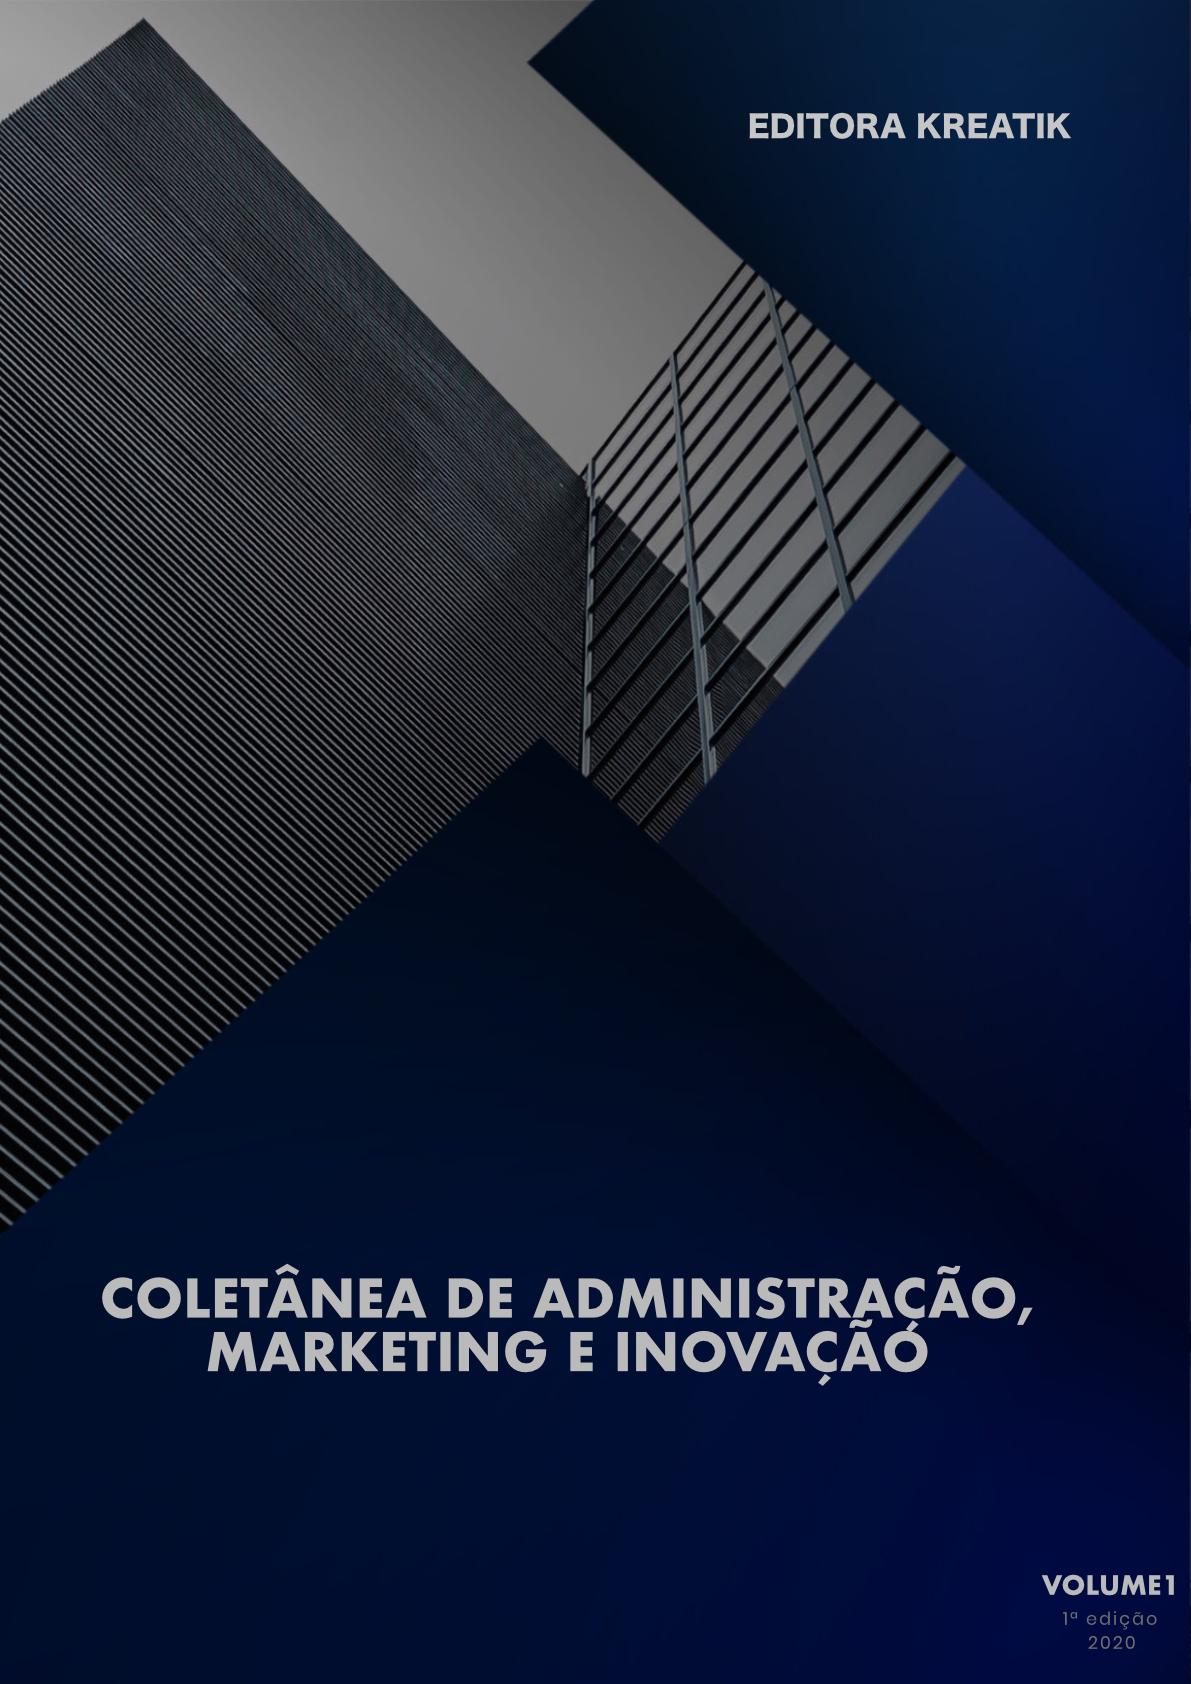 Coletânea de Administração, Markerting e Inovação 1